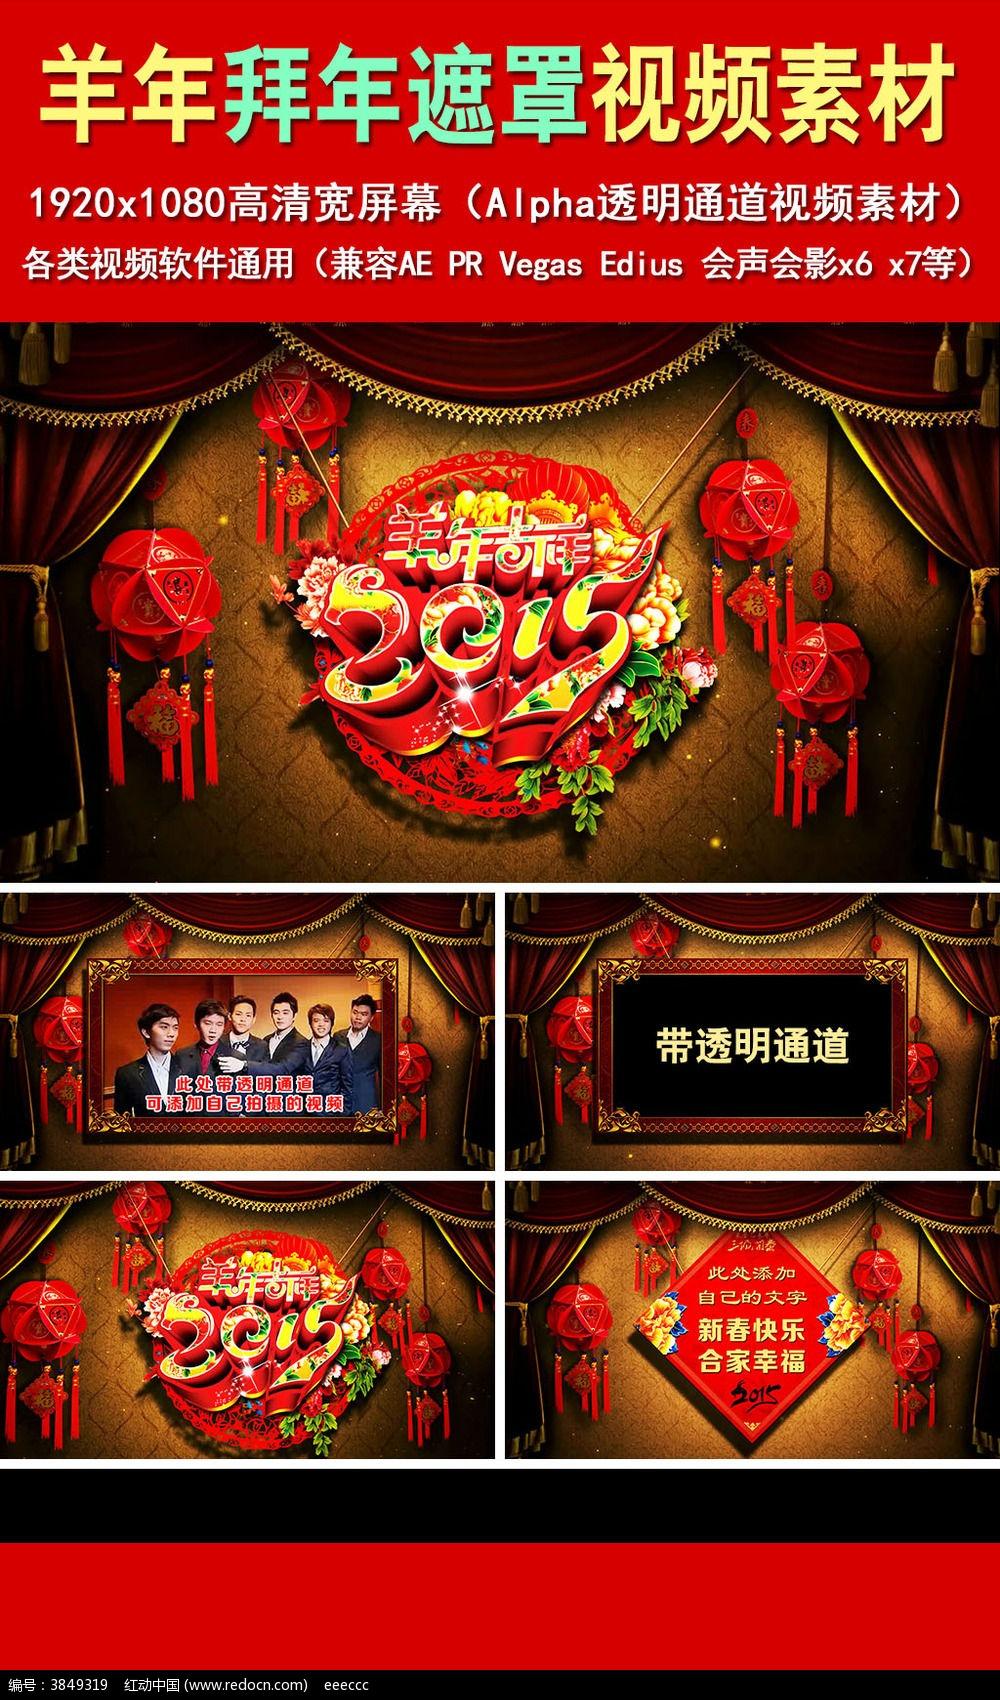 拜年视频_2015羊年春节拜年祝福视频片头